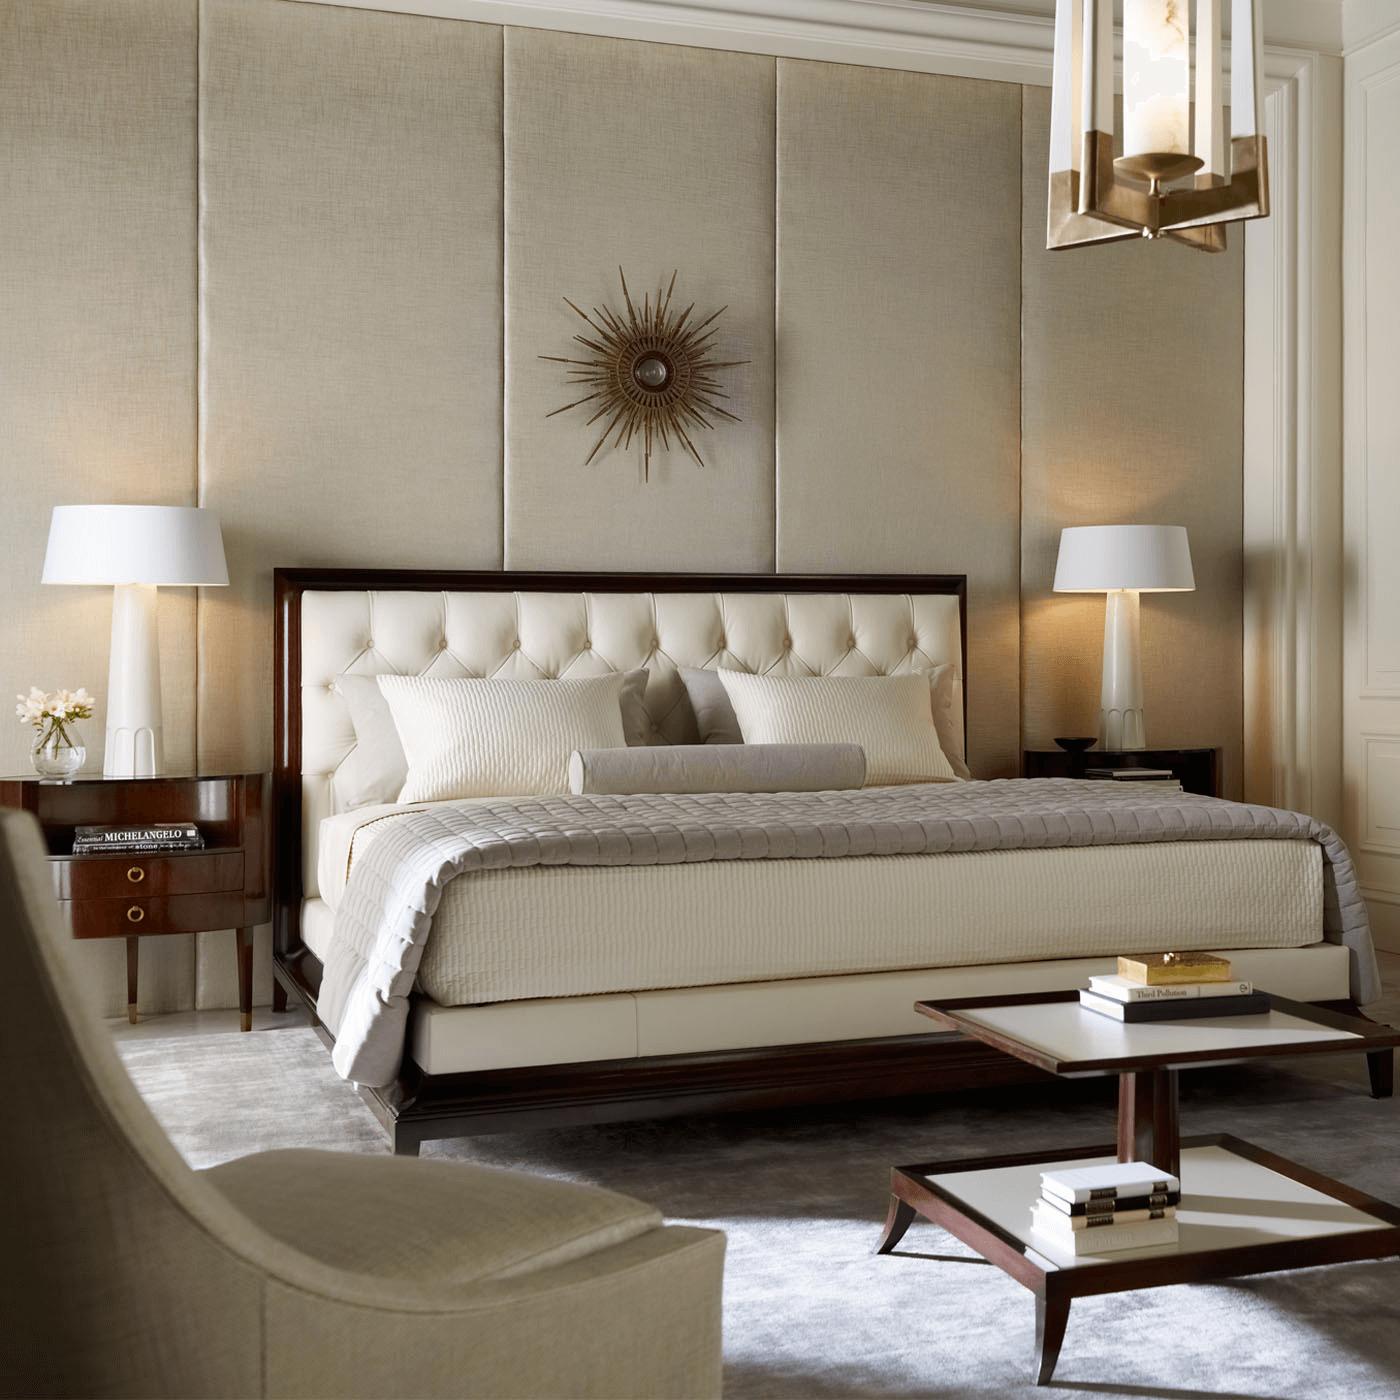 Baker Bedroom Furniture Sets Bedroomfurniturebrands Bedroom